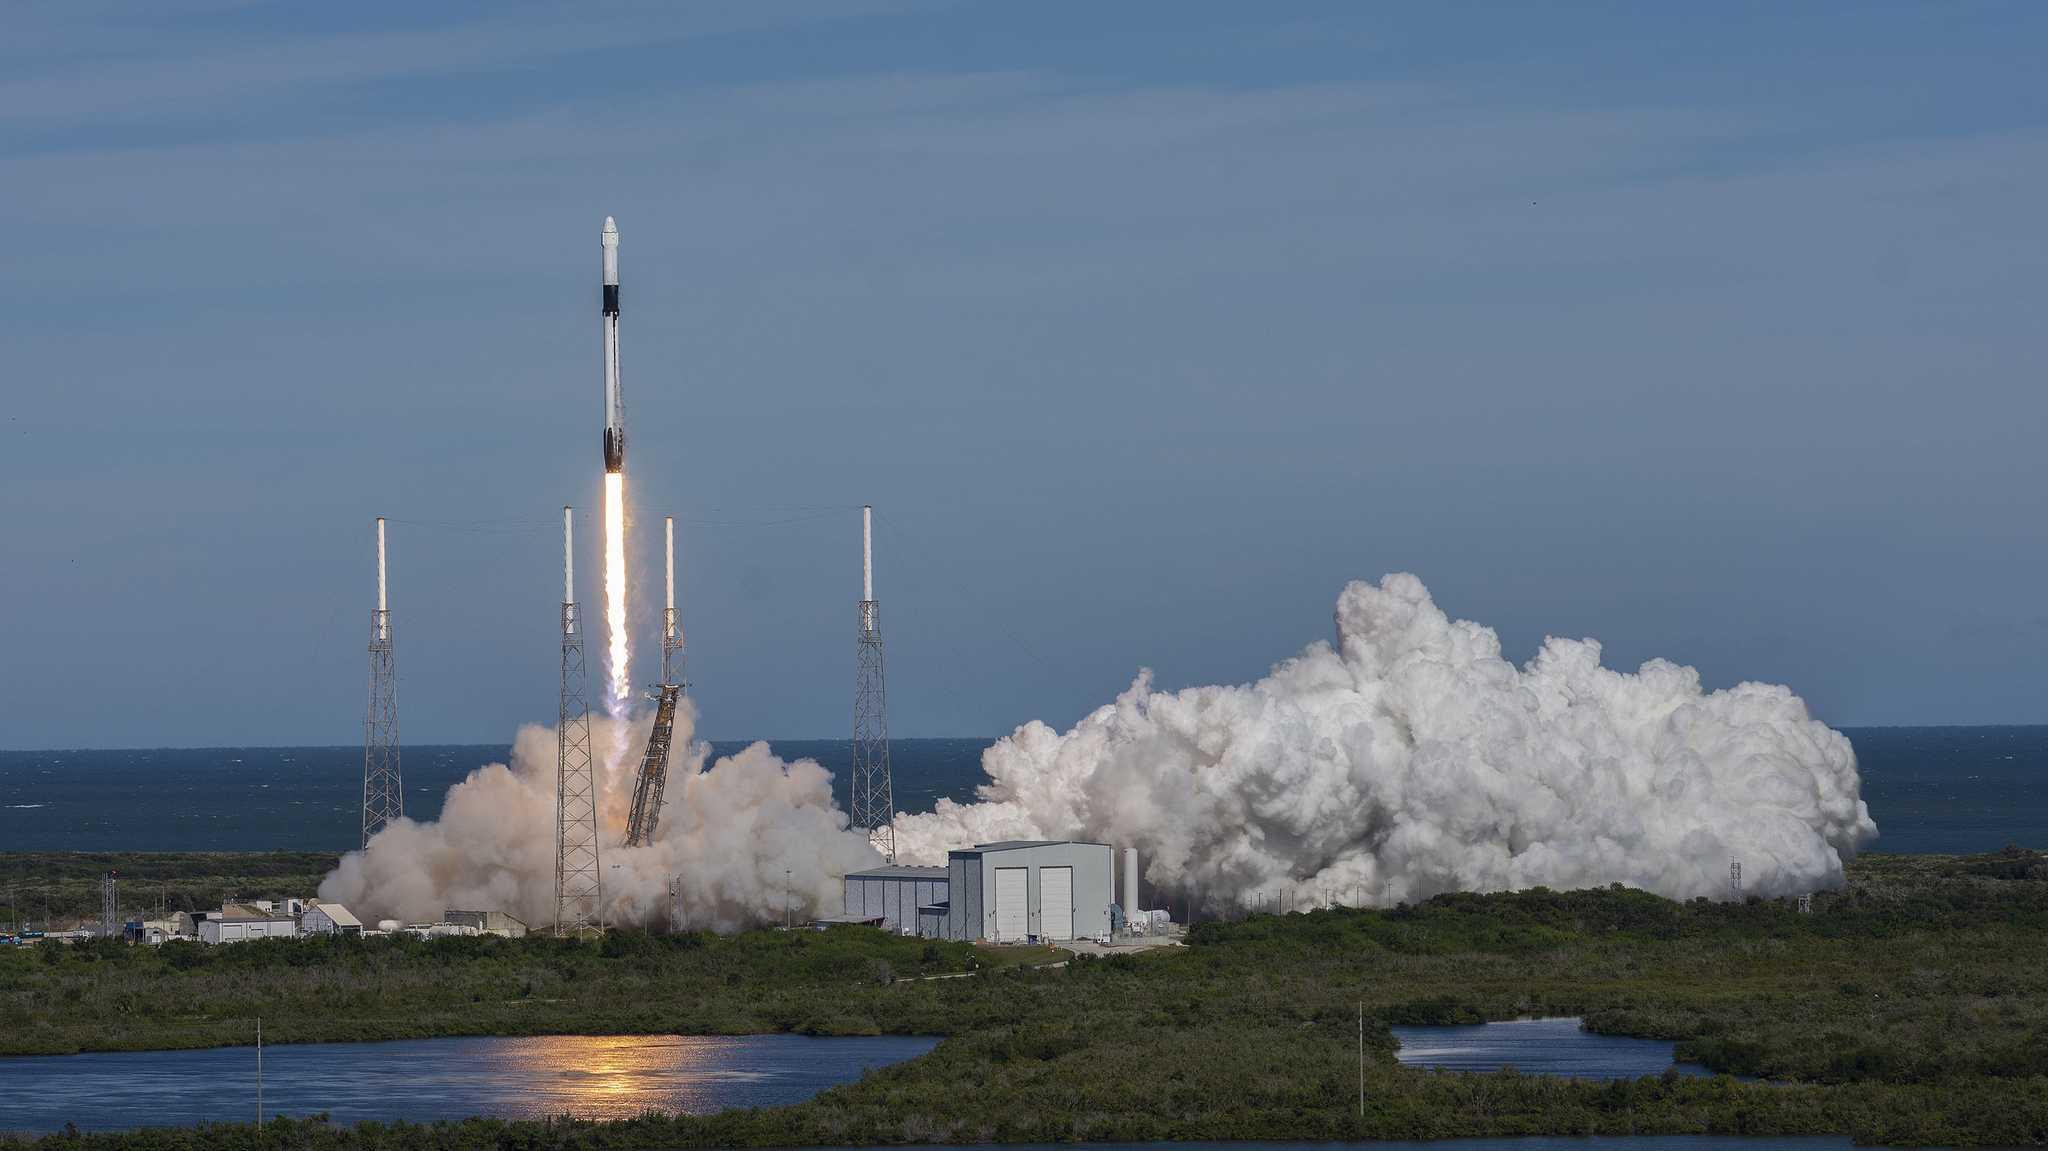 Rückschlag für SpaceX: Falcon 9 gestartet, erste Stufe fällt ins Meer